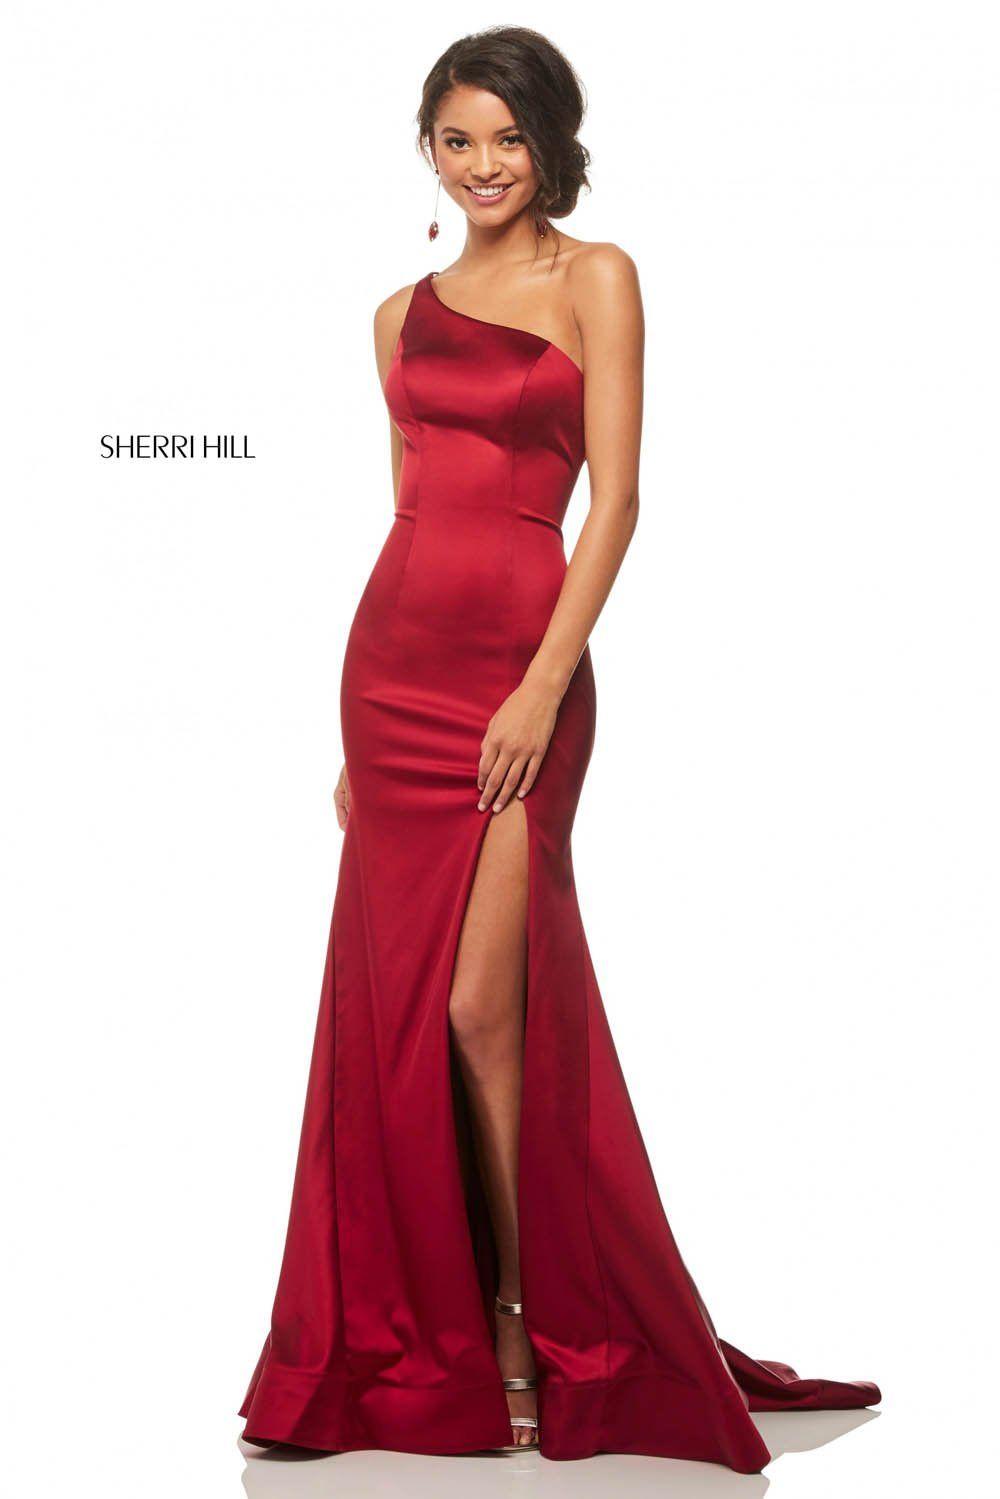 Sherri Hill 52886 Dress - 14 / Wine